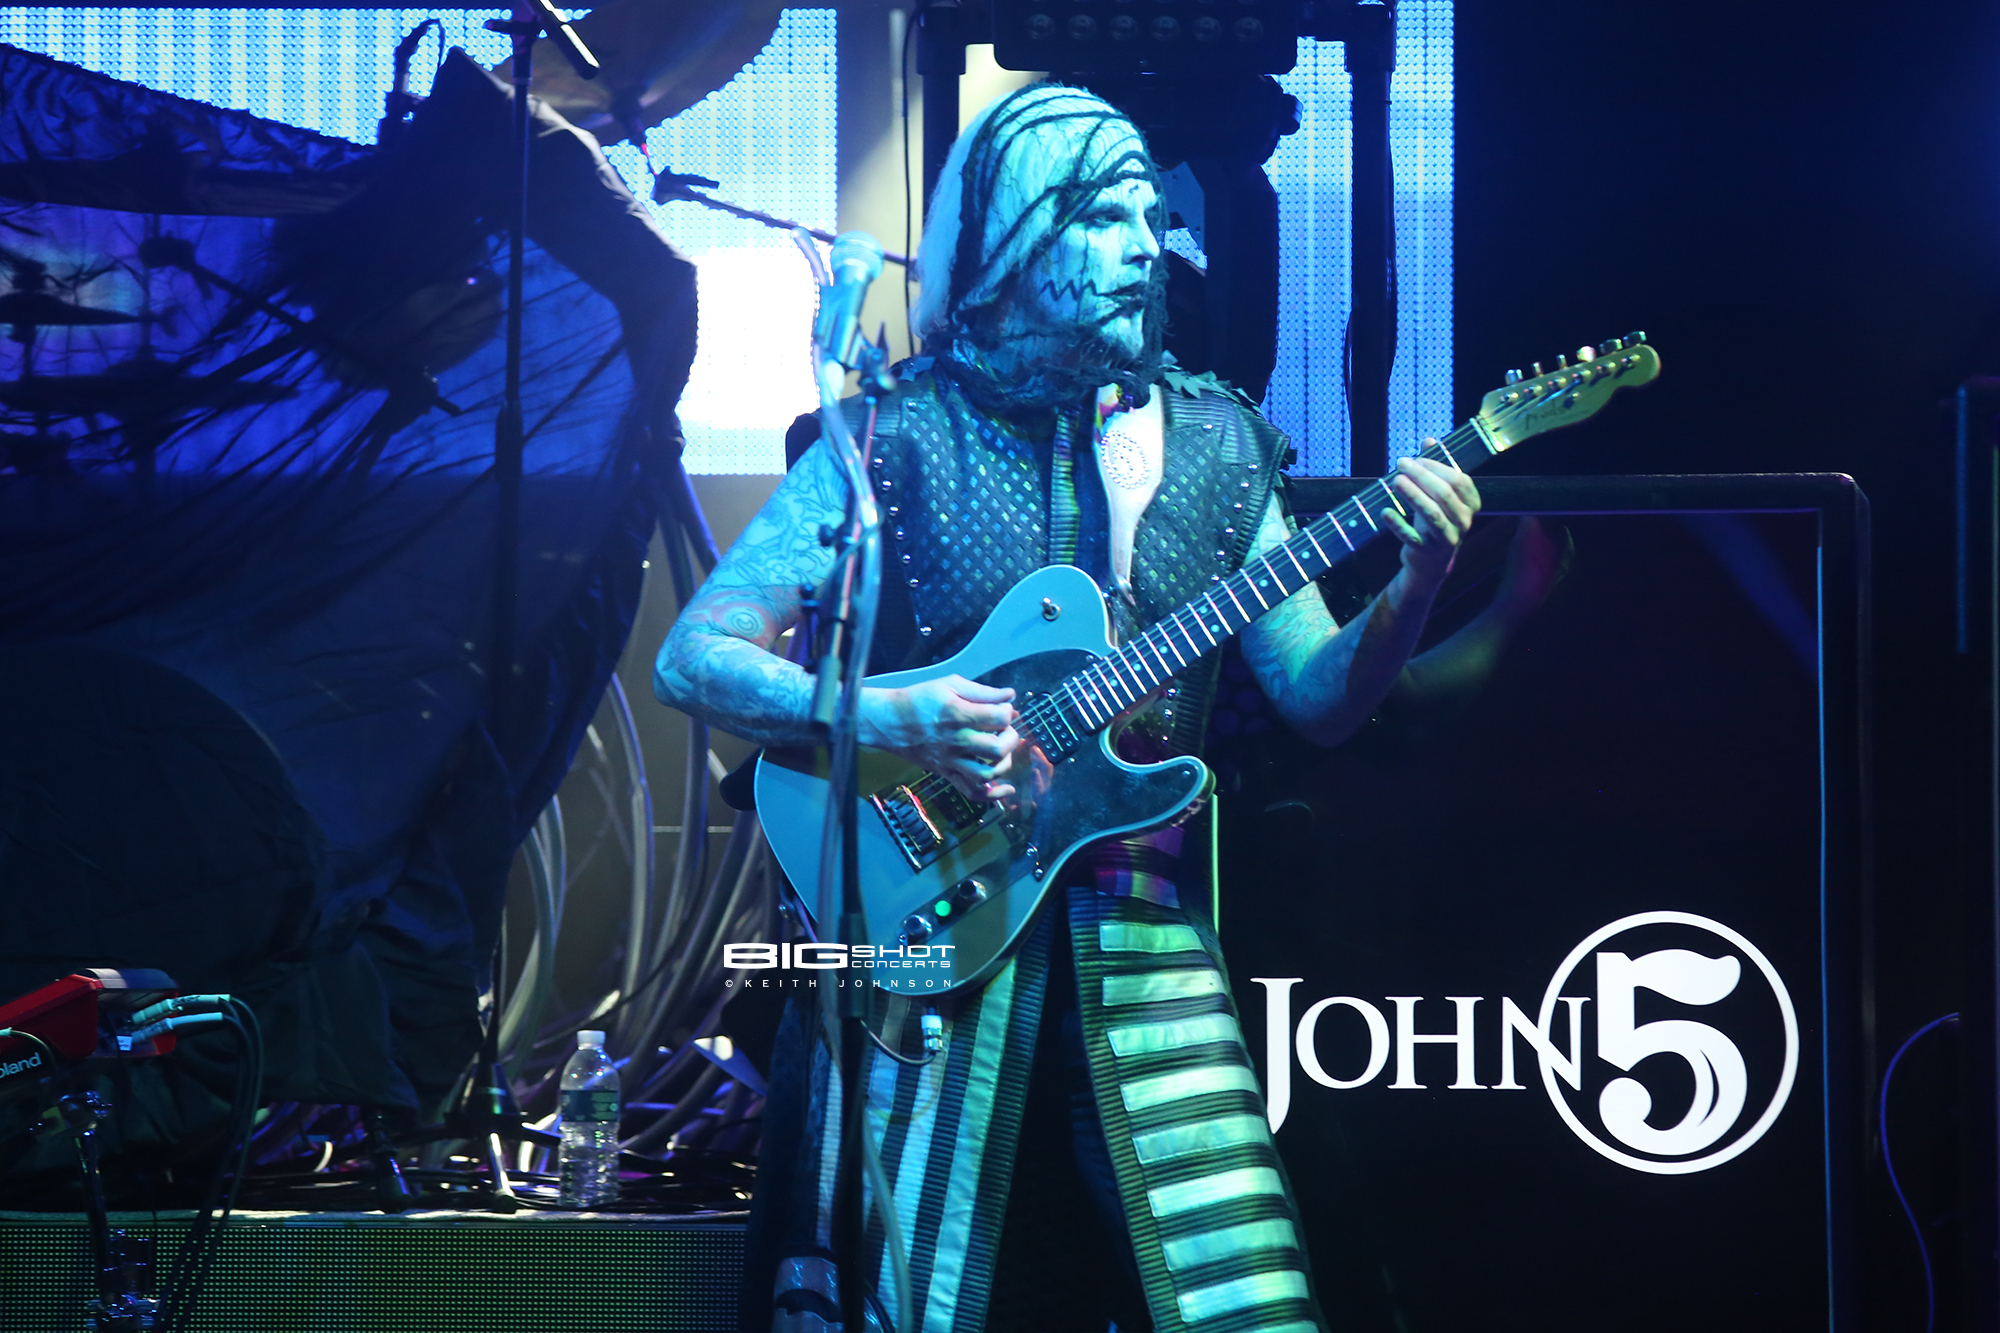 John 5 Opens for Queensrÿche